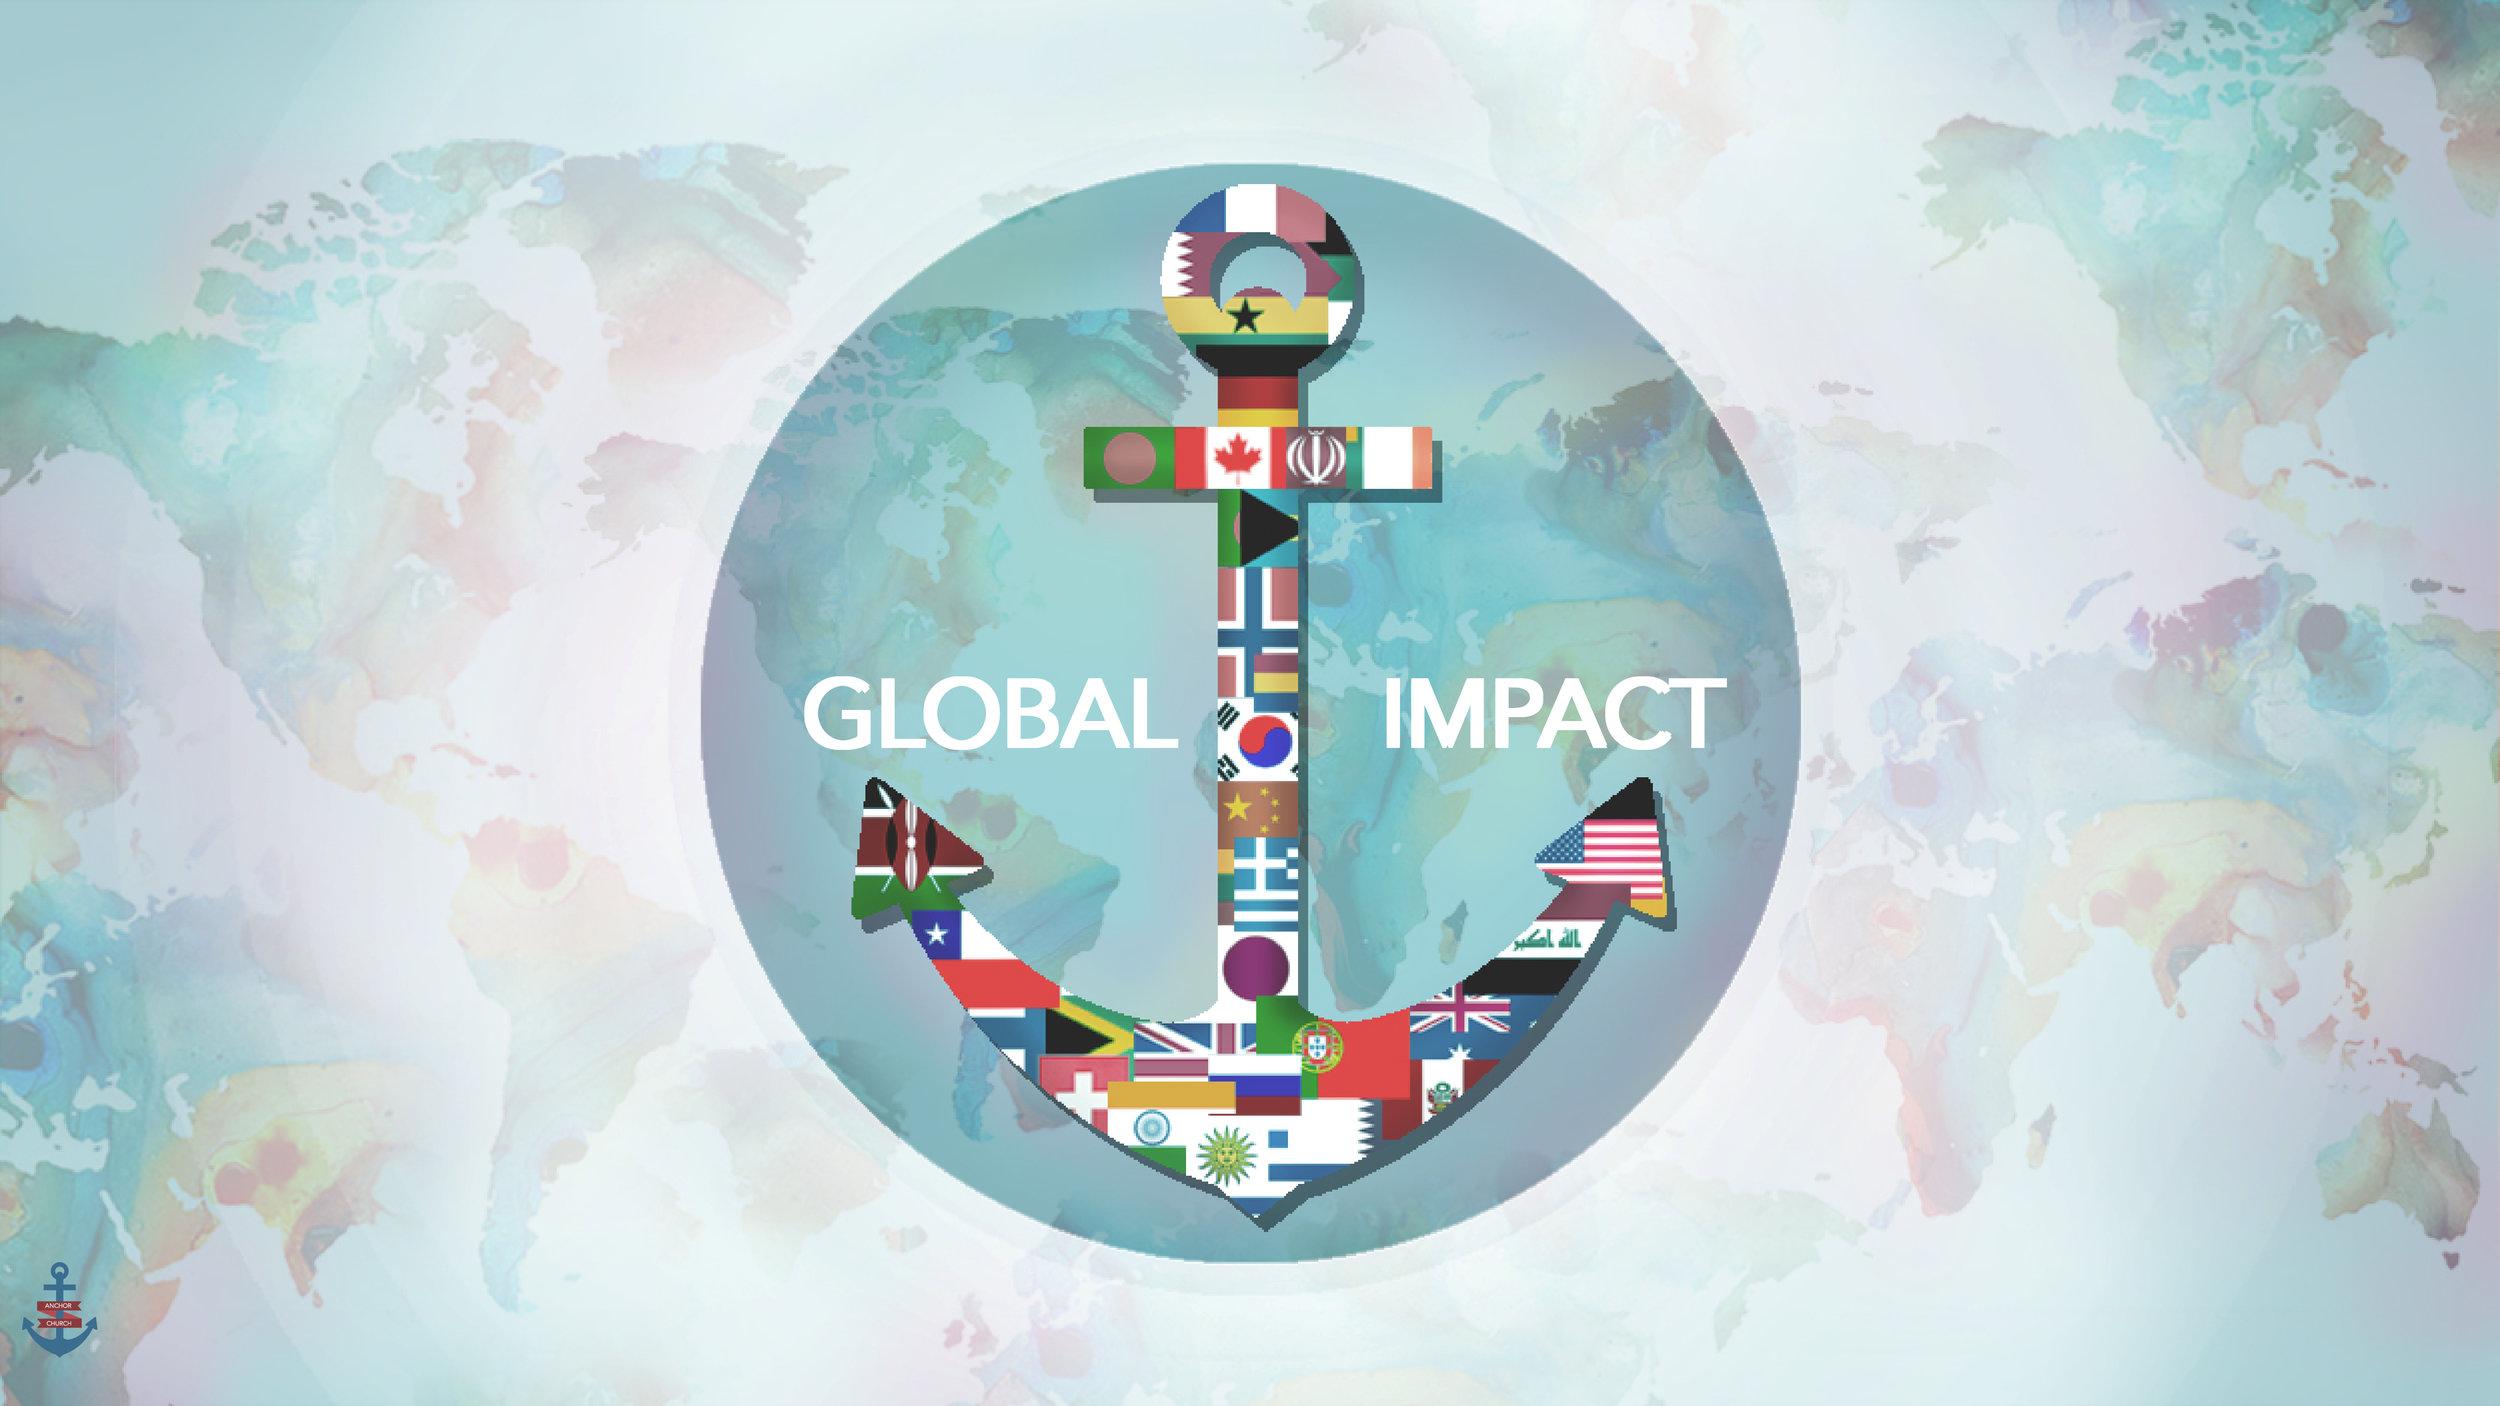 Global_Slide-02.jpg